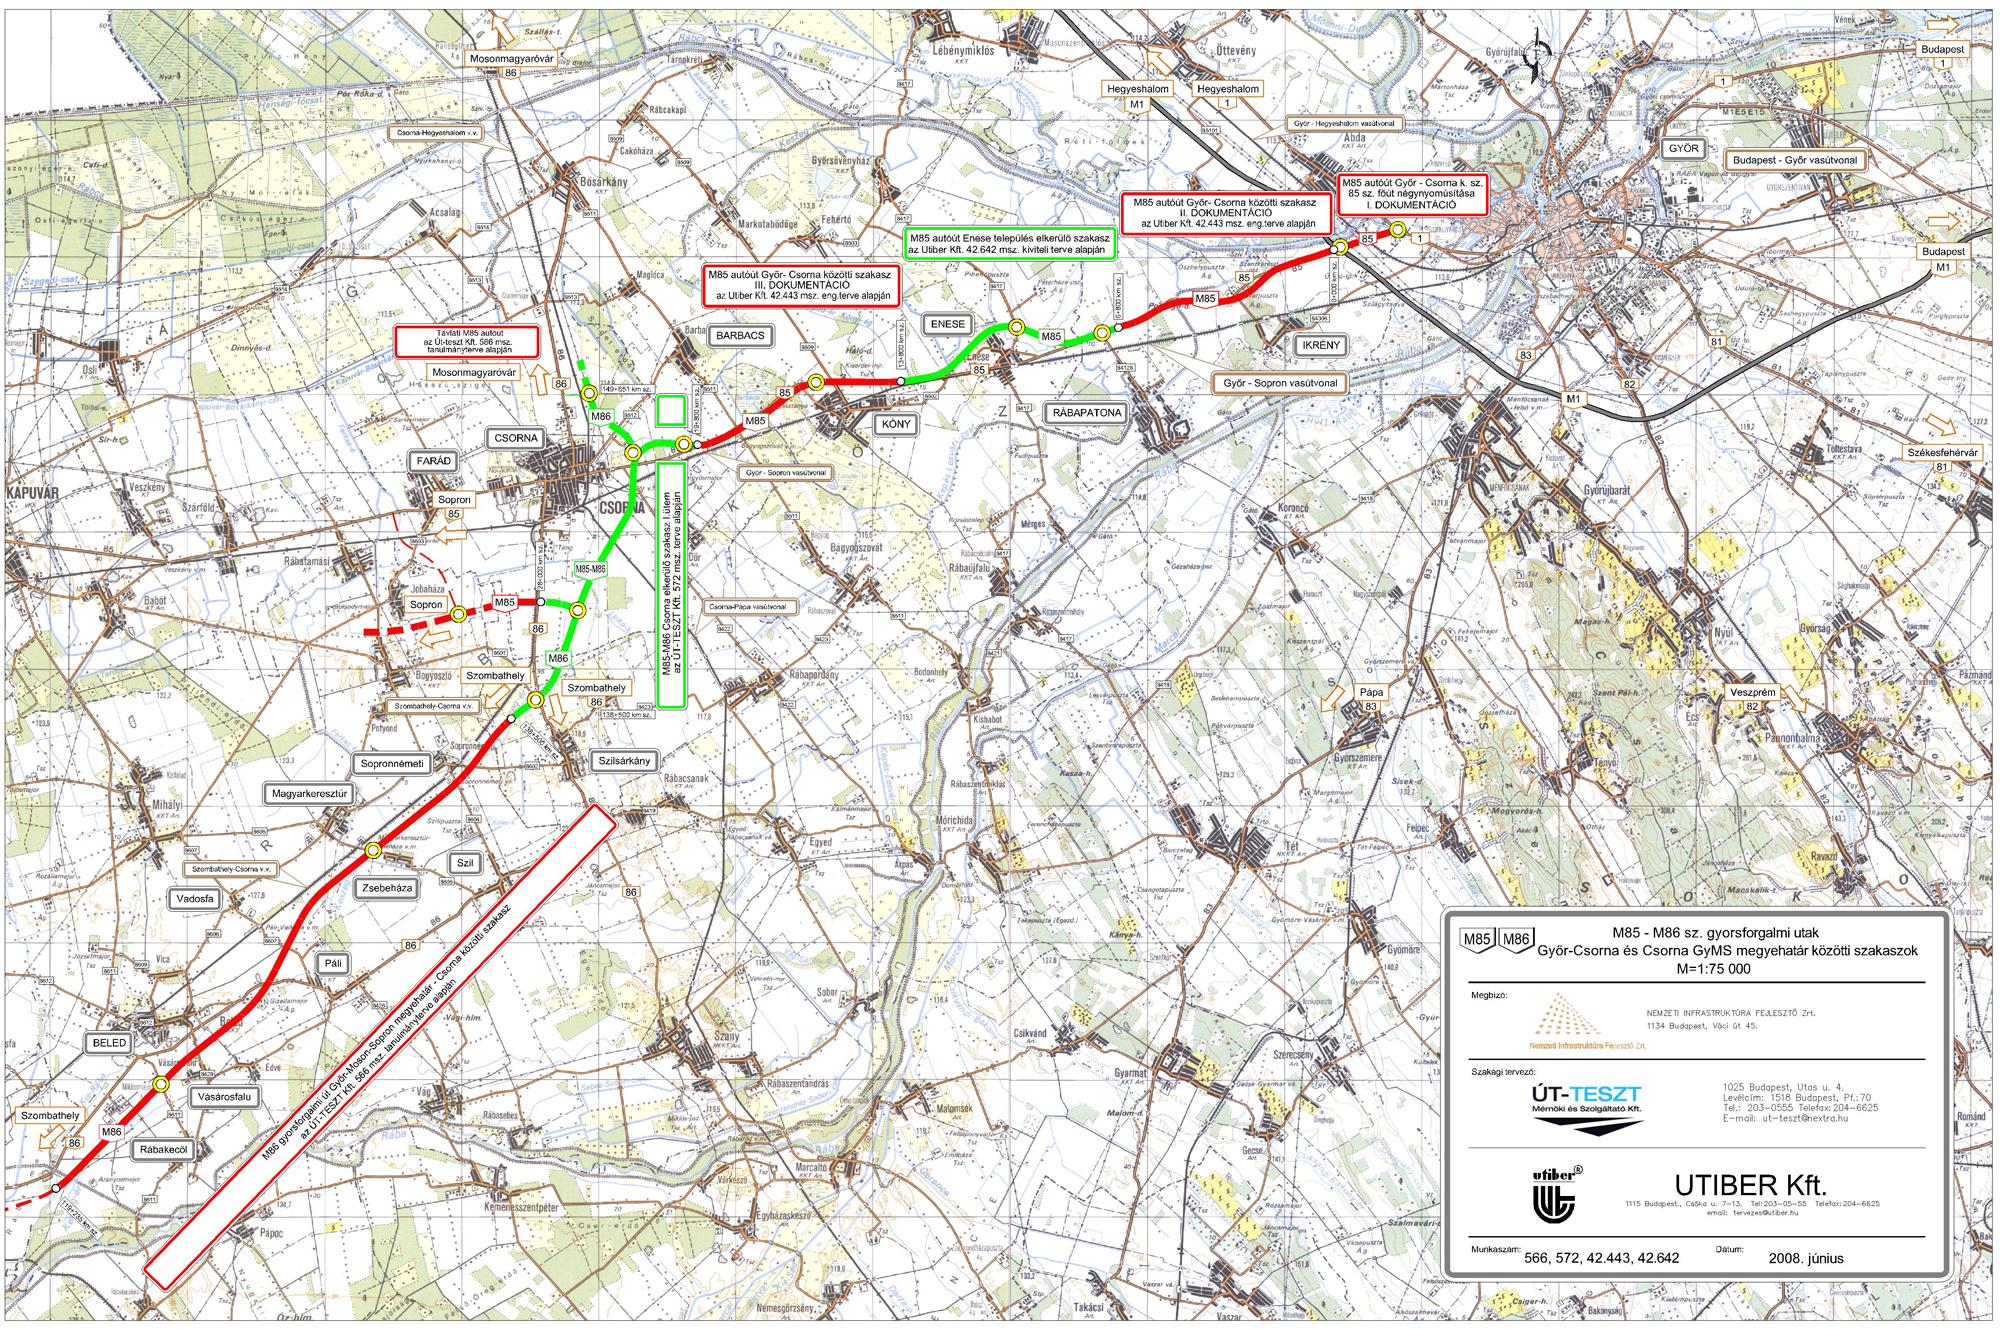 magyarország térkép csorna A M85 gyorsforgalmi út